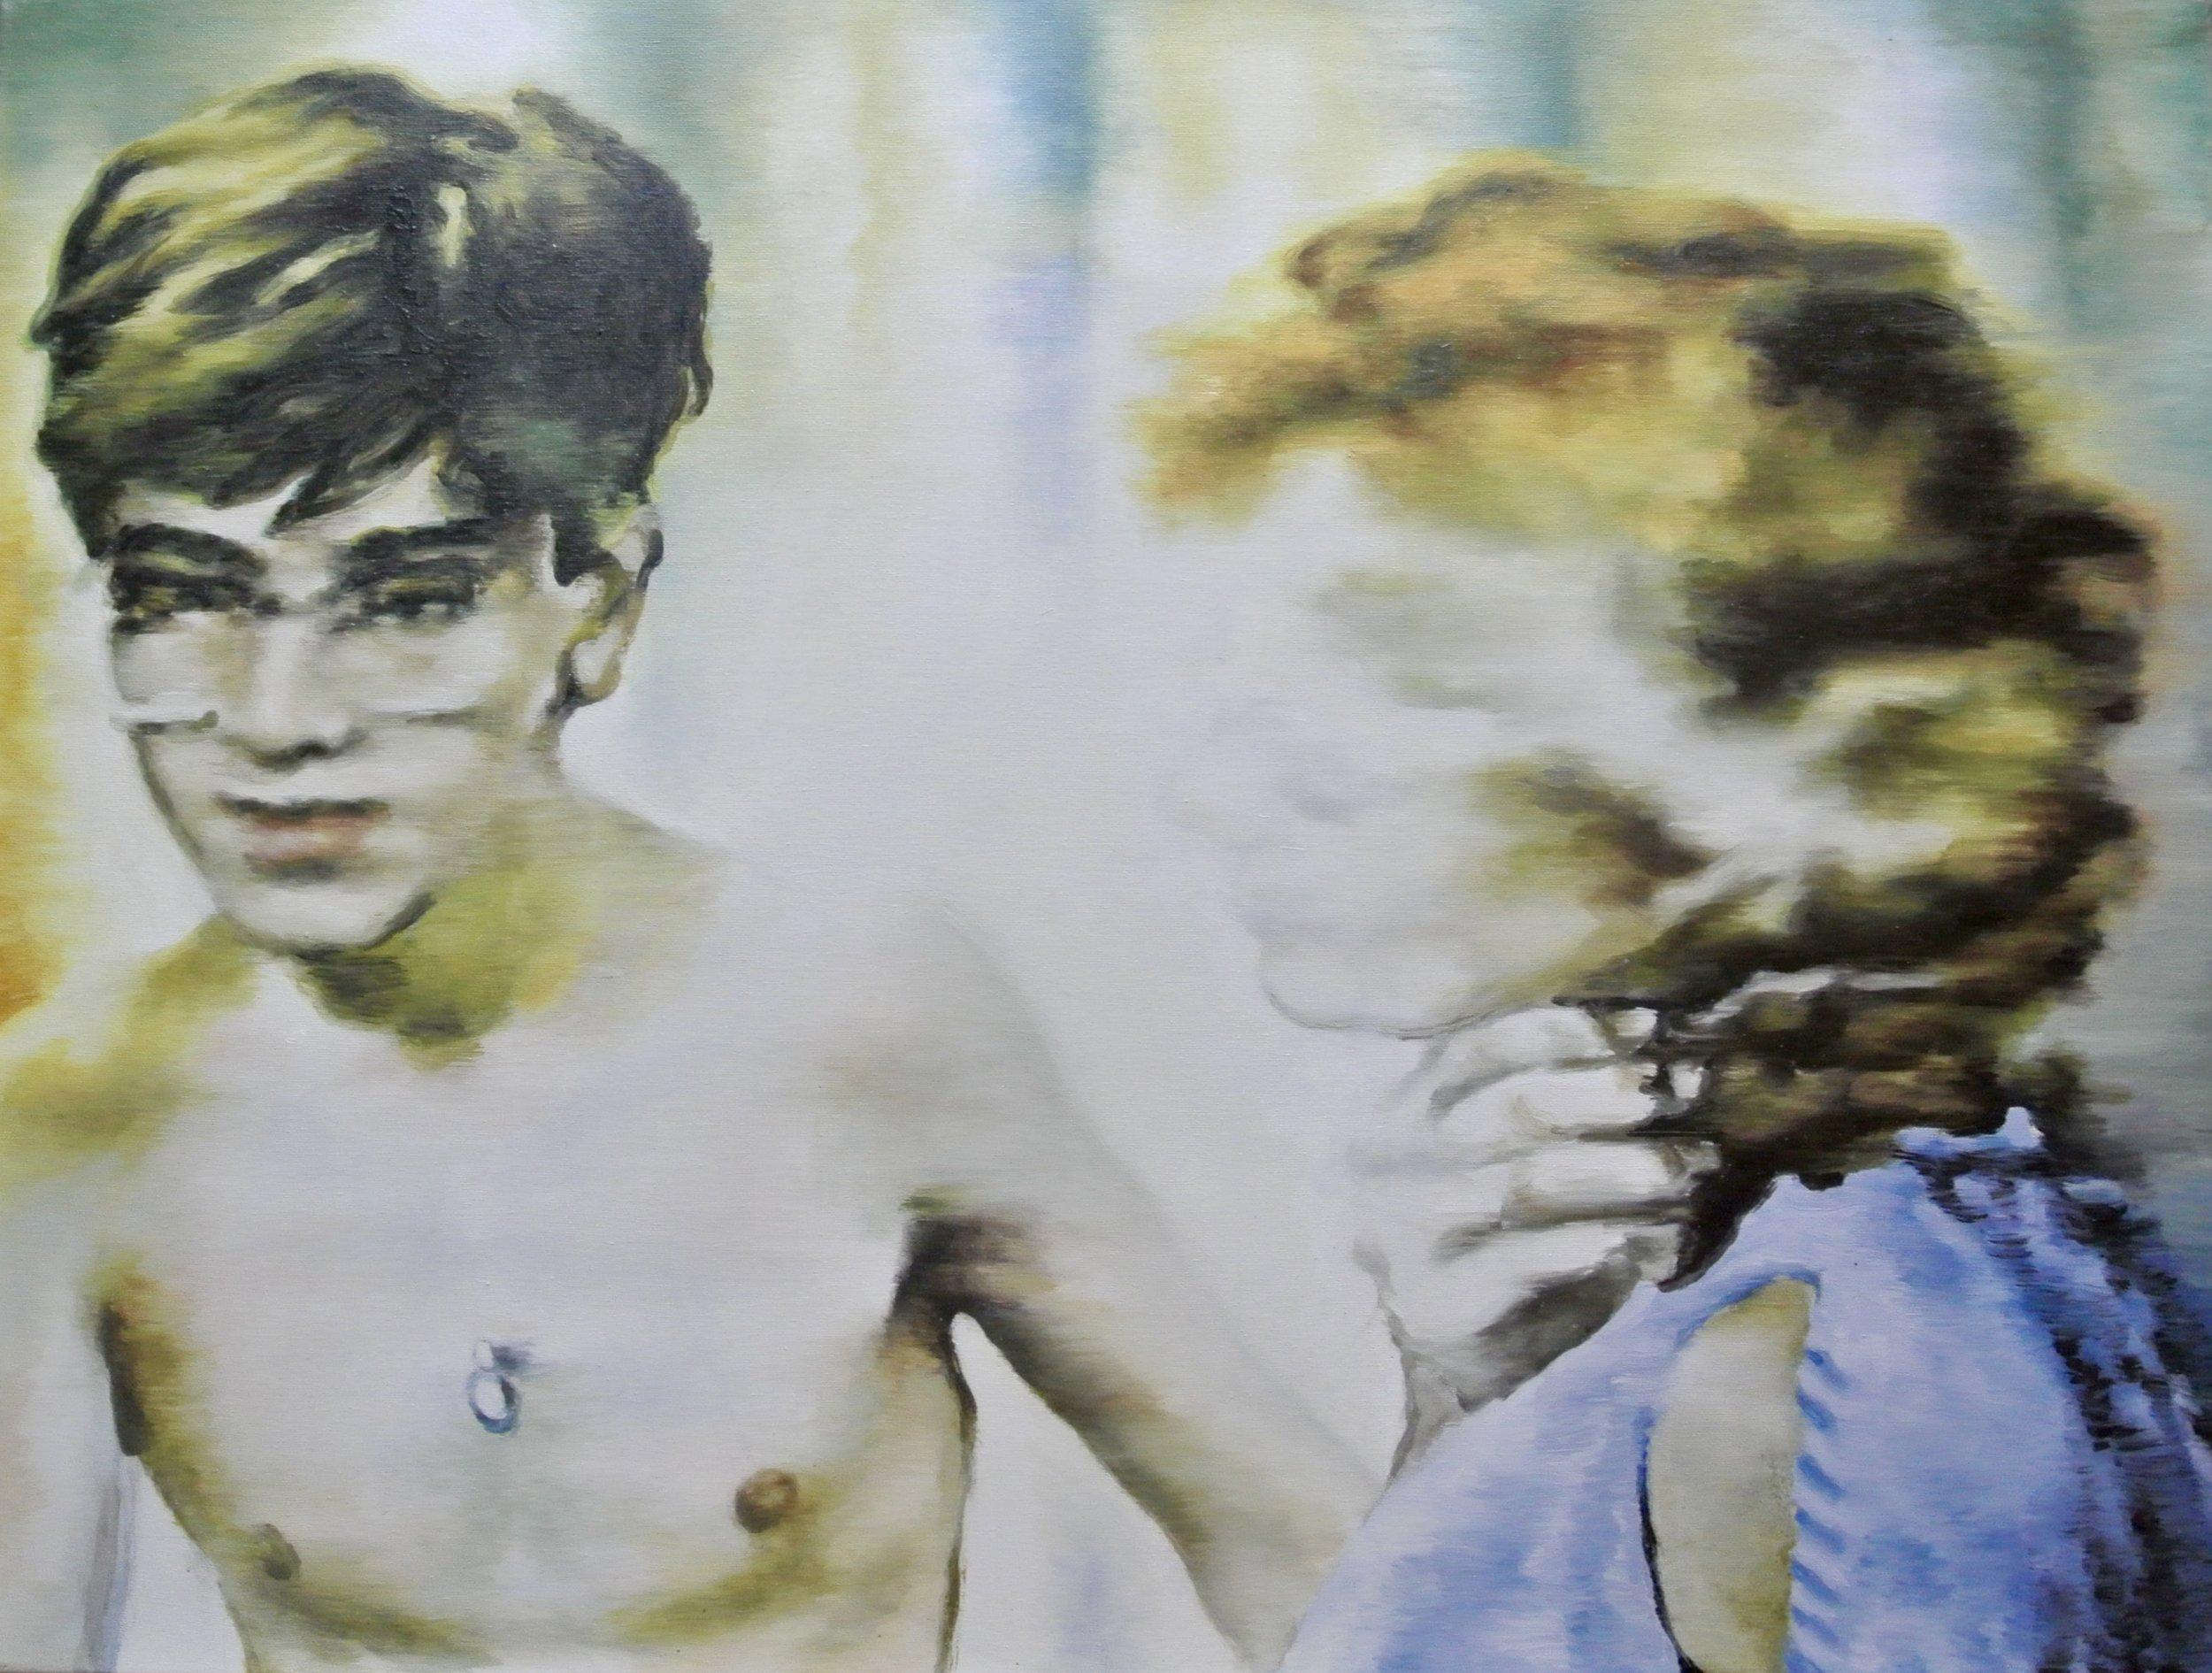 Bleaching the past - Oil sur toile - 60 x 80 cm